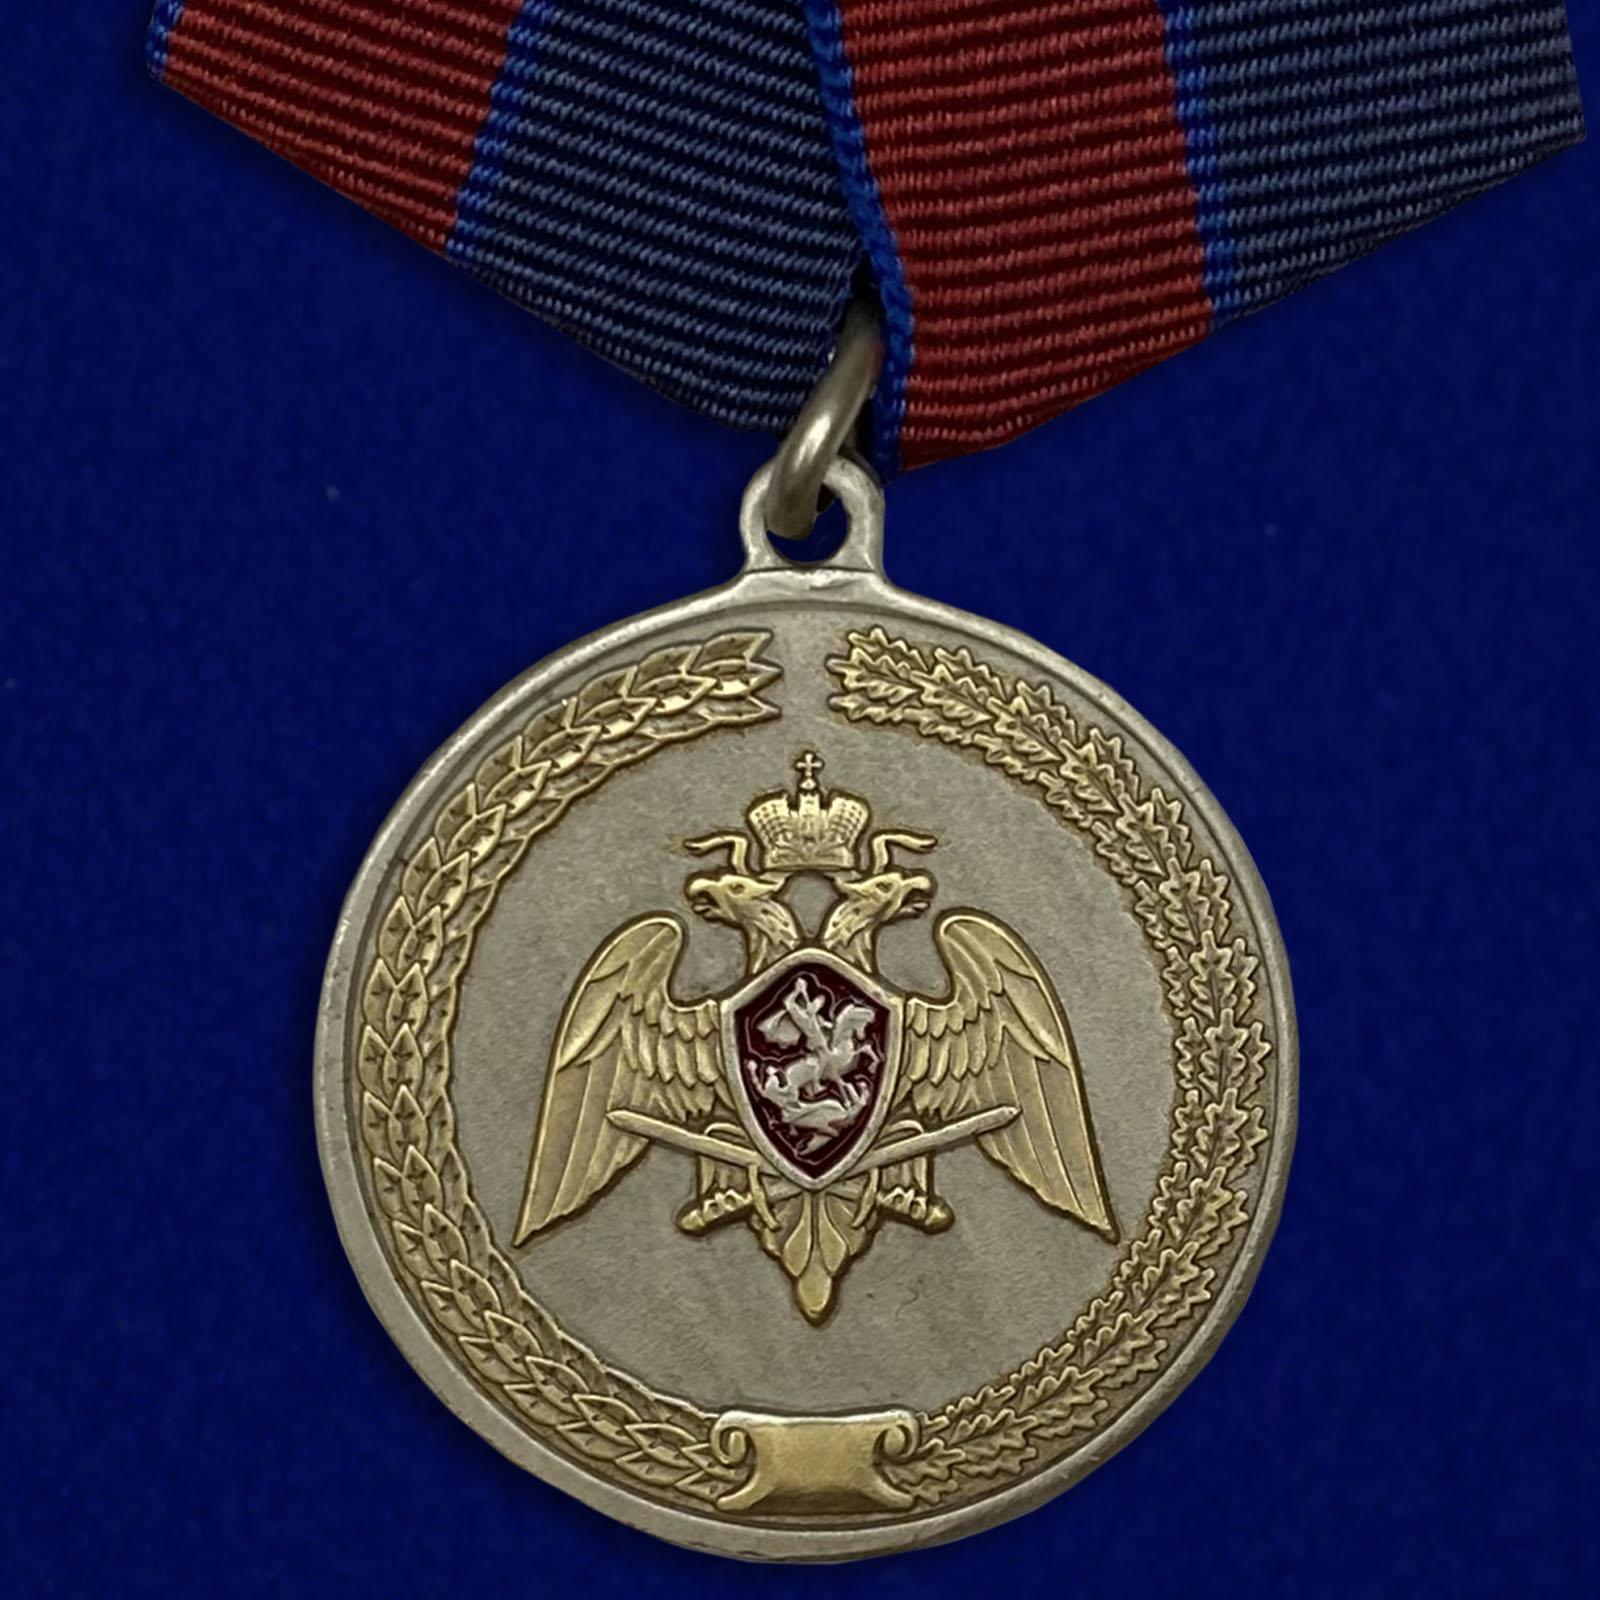 Купить медаль За заслуги в укреплении правопорядка (Росгвардии) на подставке онлайн